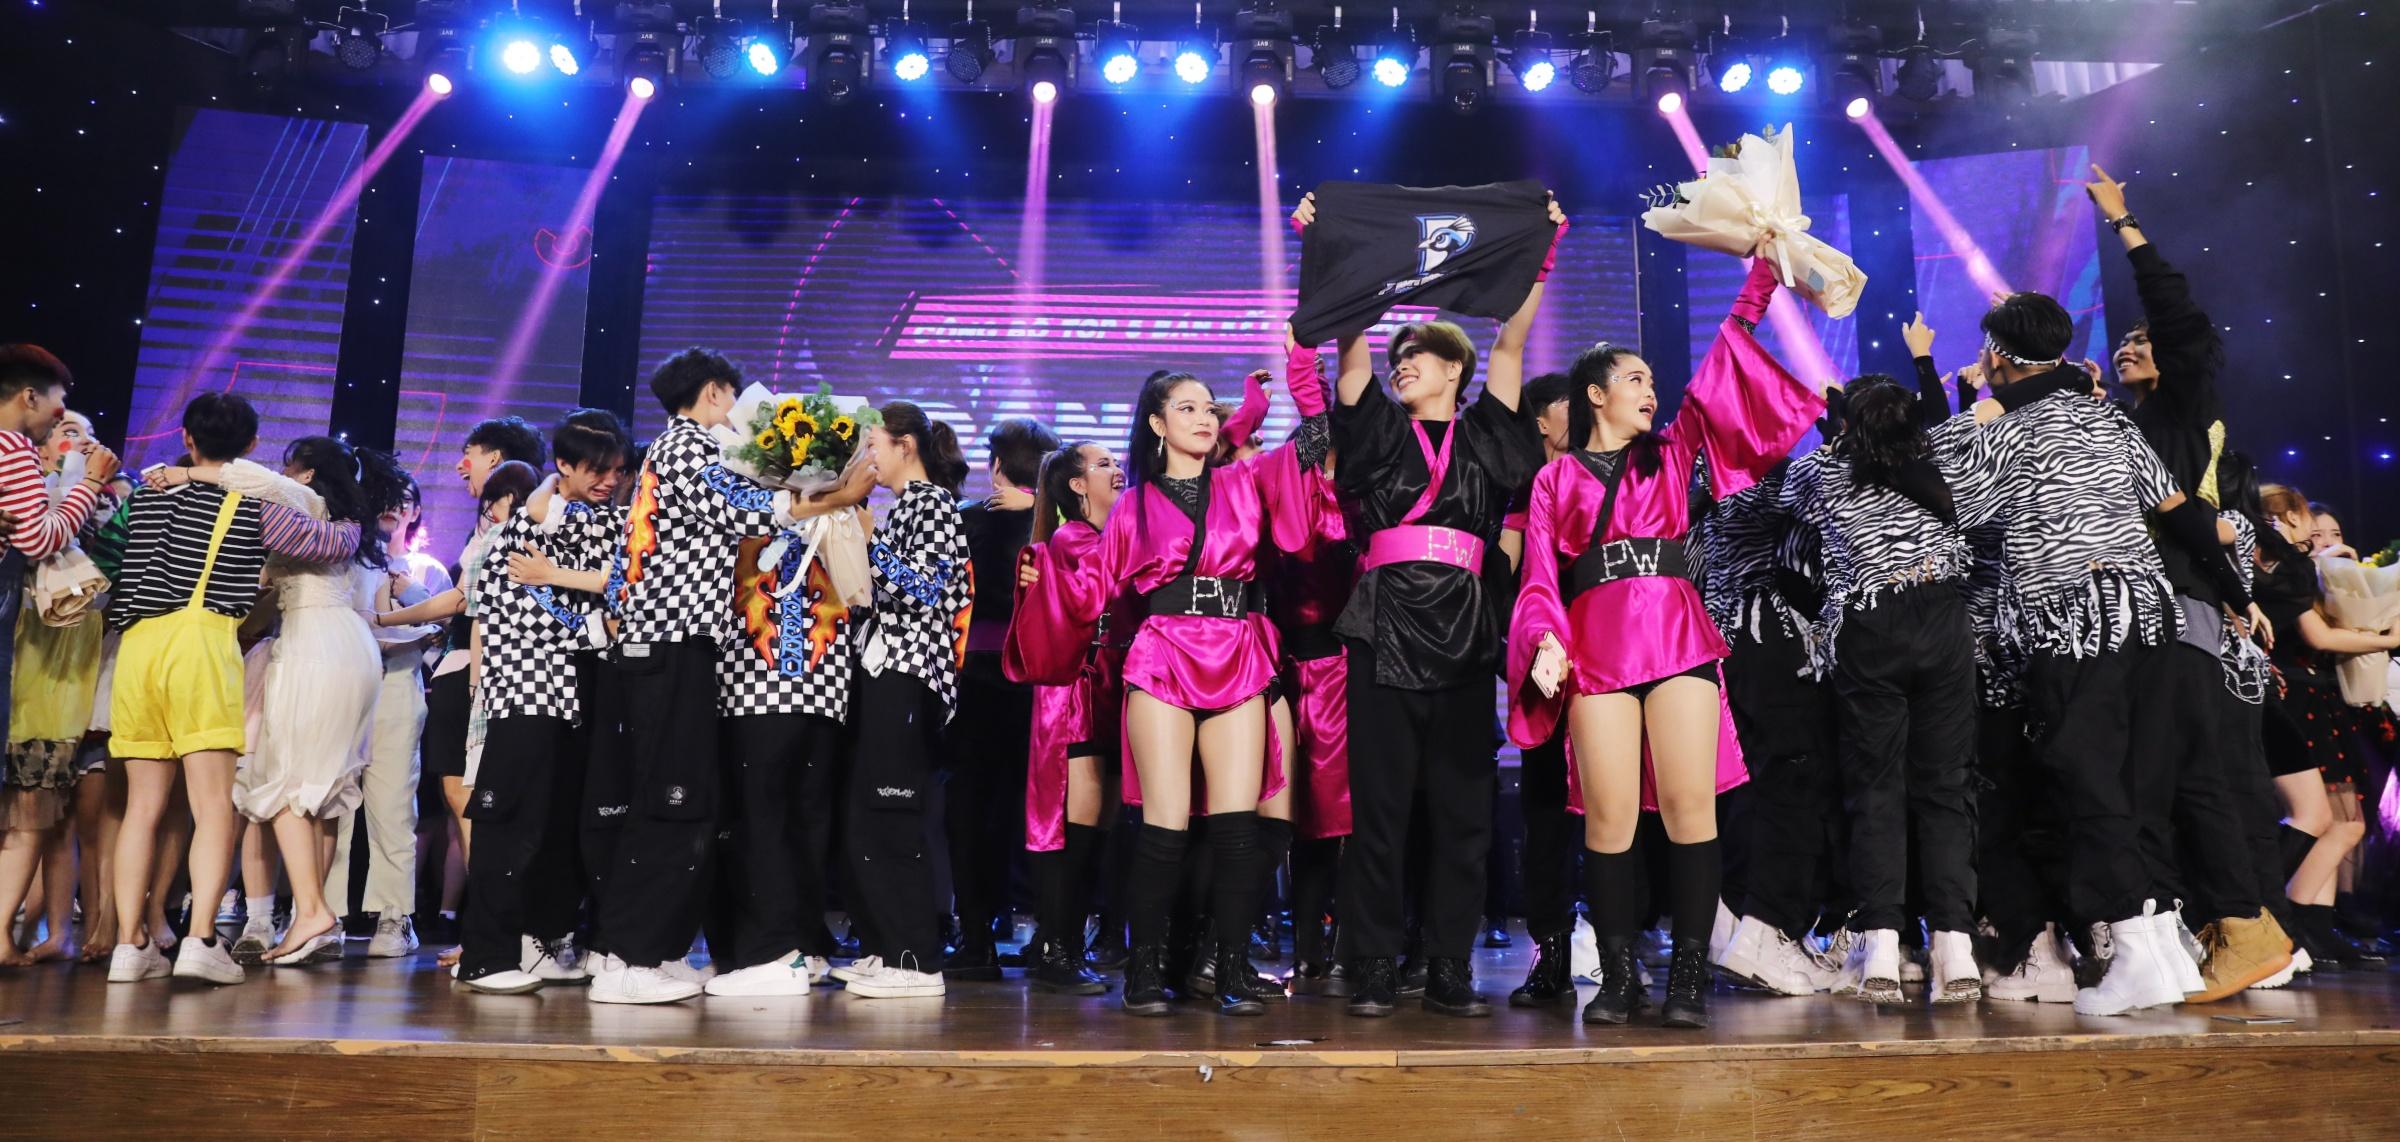 Những khoảnh khắc ấn tượng ở bán kết Dance For Youth miền Nam - 2